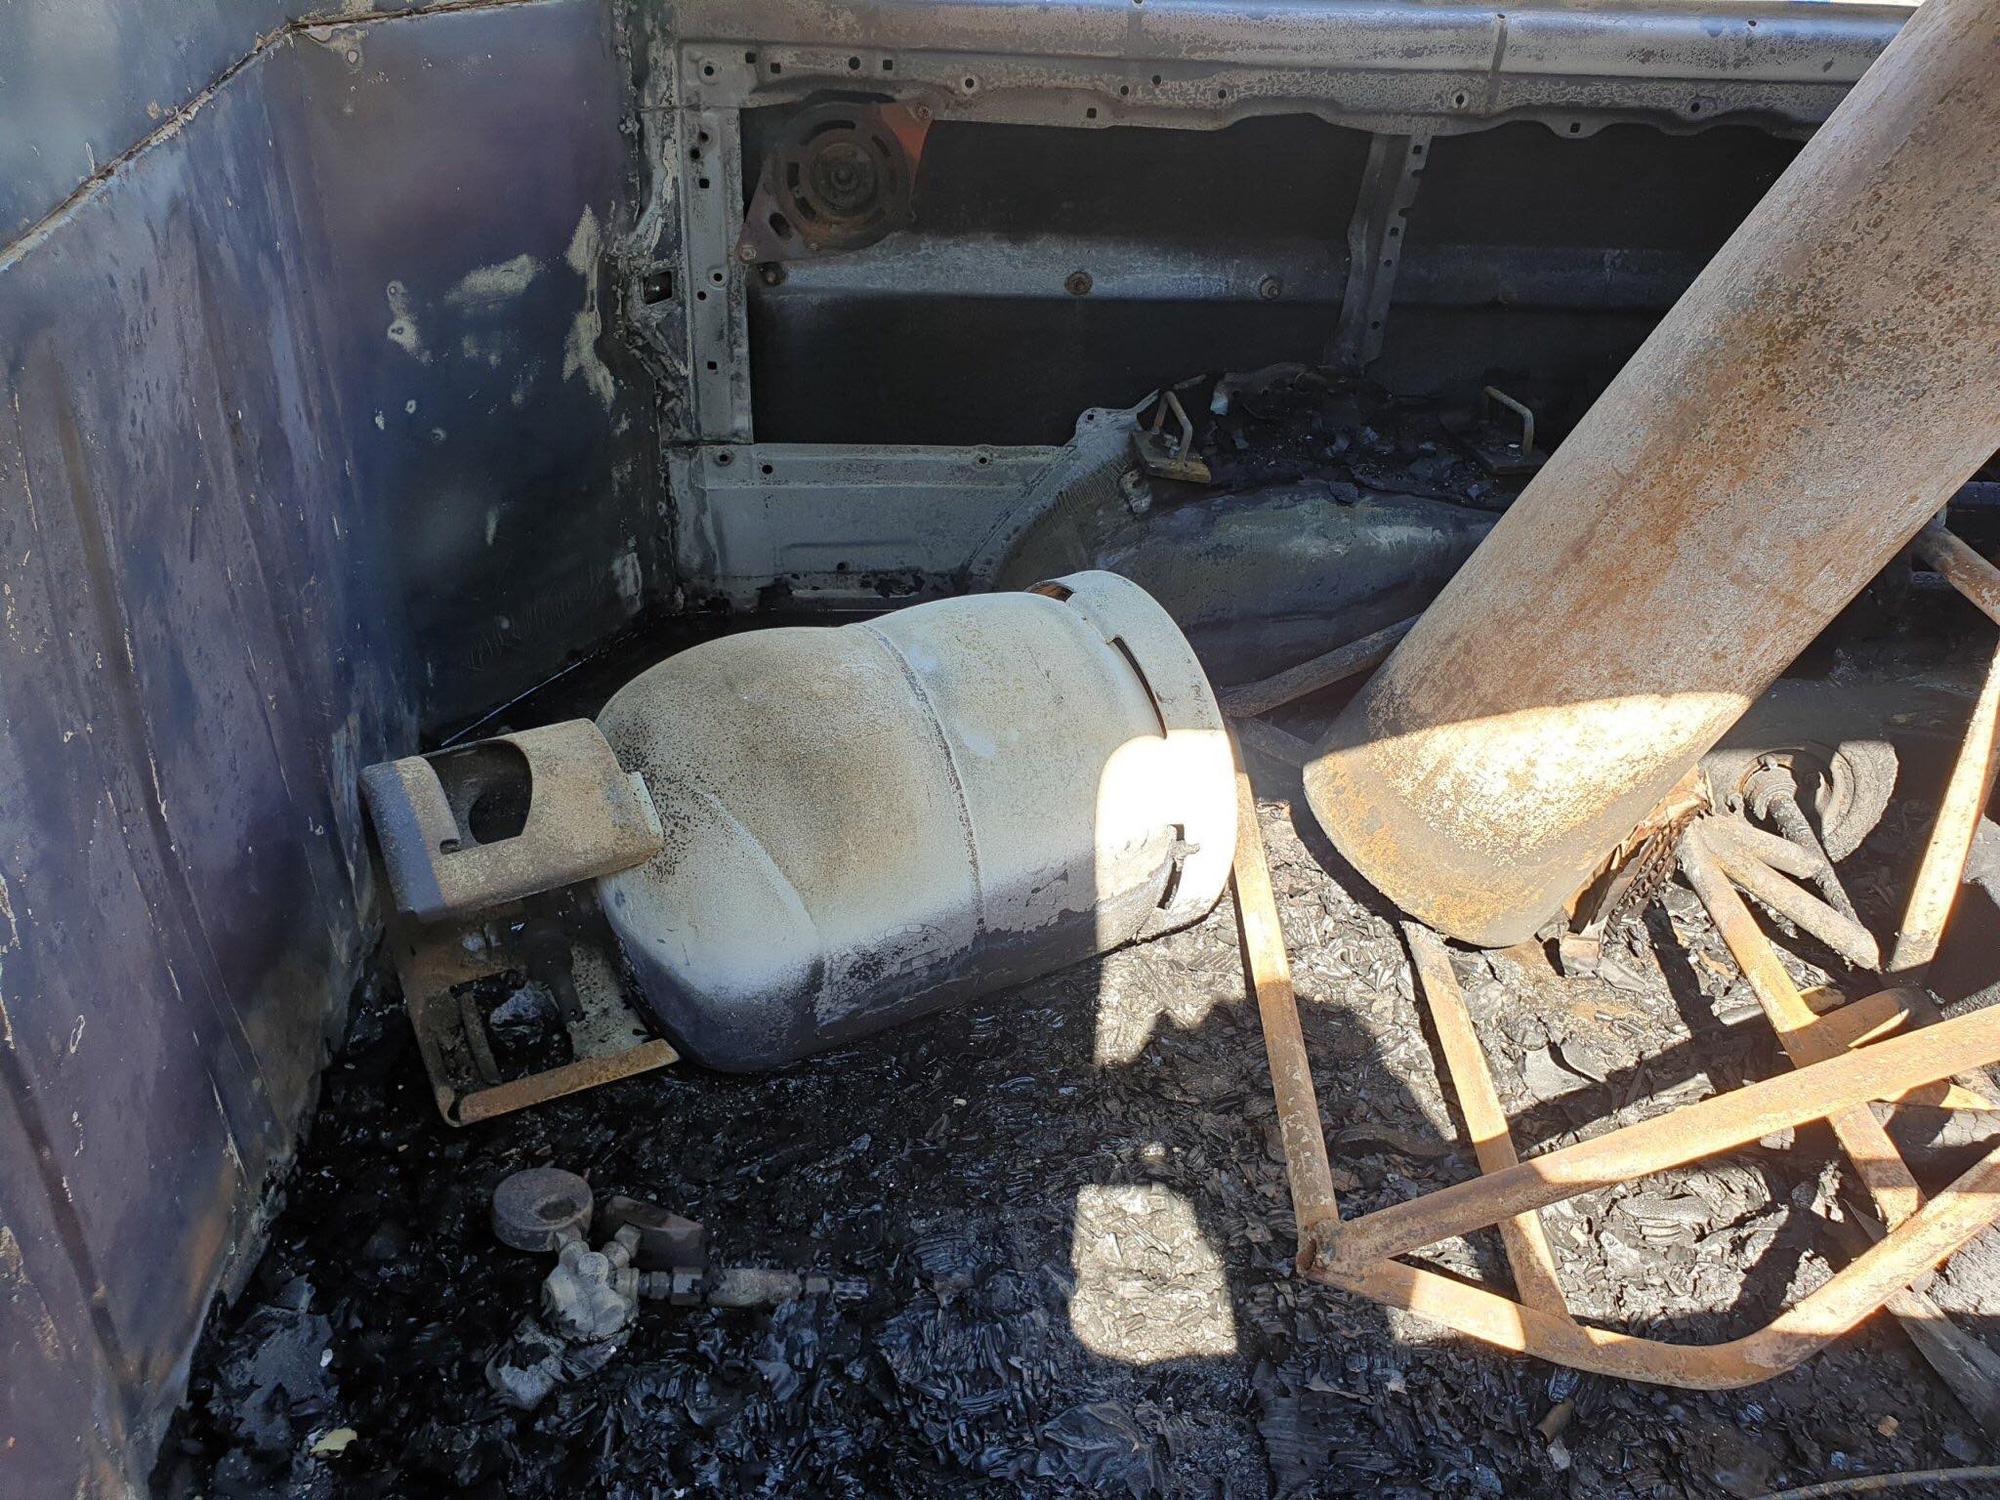 Ô tô du lịch bốc cháy rồi trôi tự do trên đường, 2 người nhảy khỏi xe thoát chết - Ảnh 2.